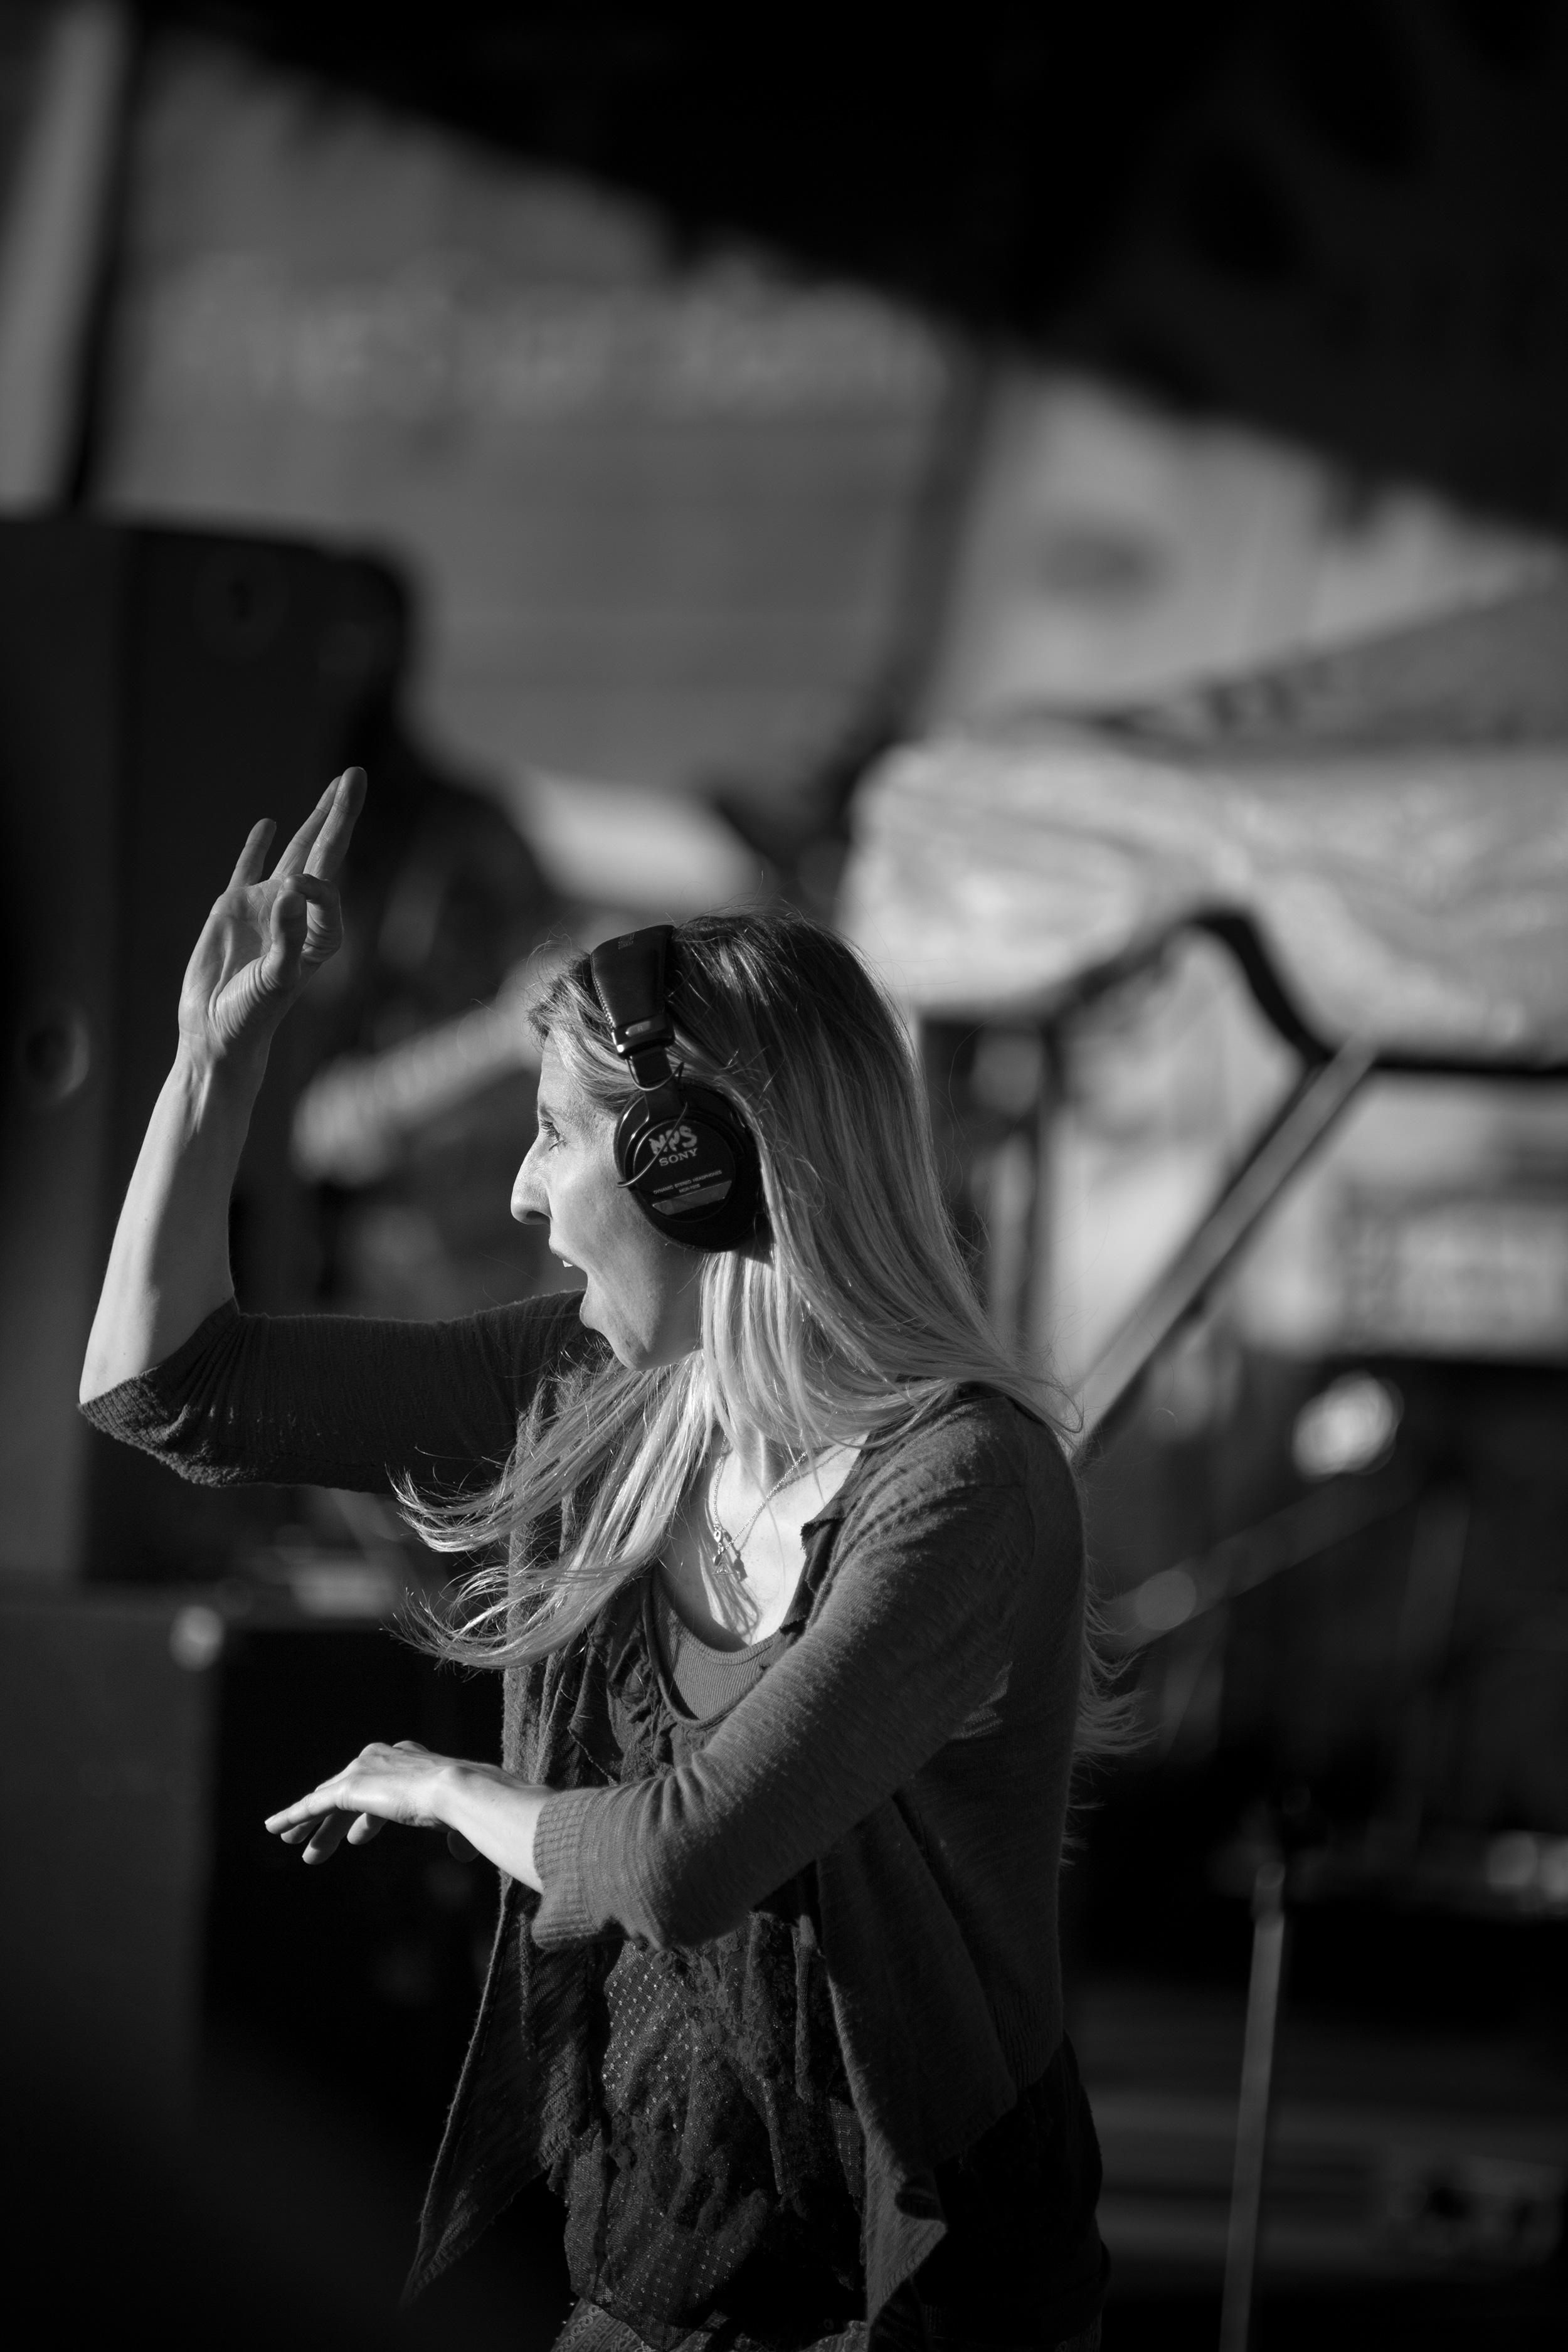 2017.5.15---Reisinger-Performance-Interpreting---063.jpg